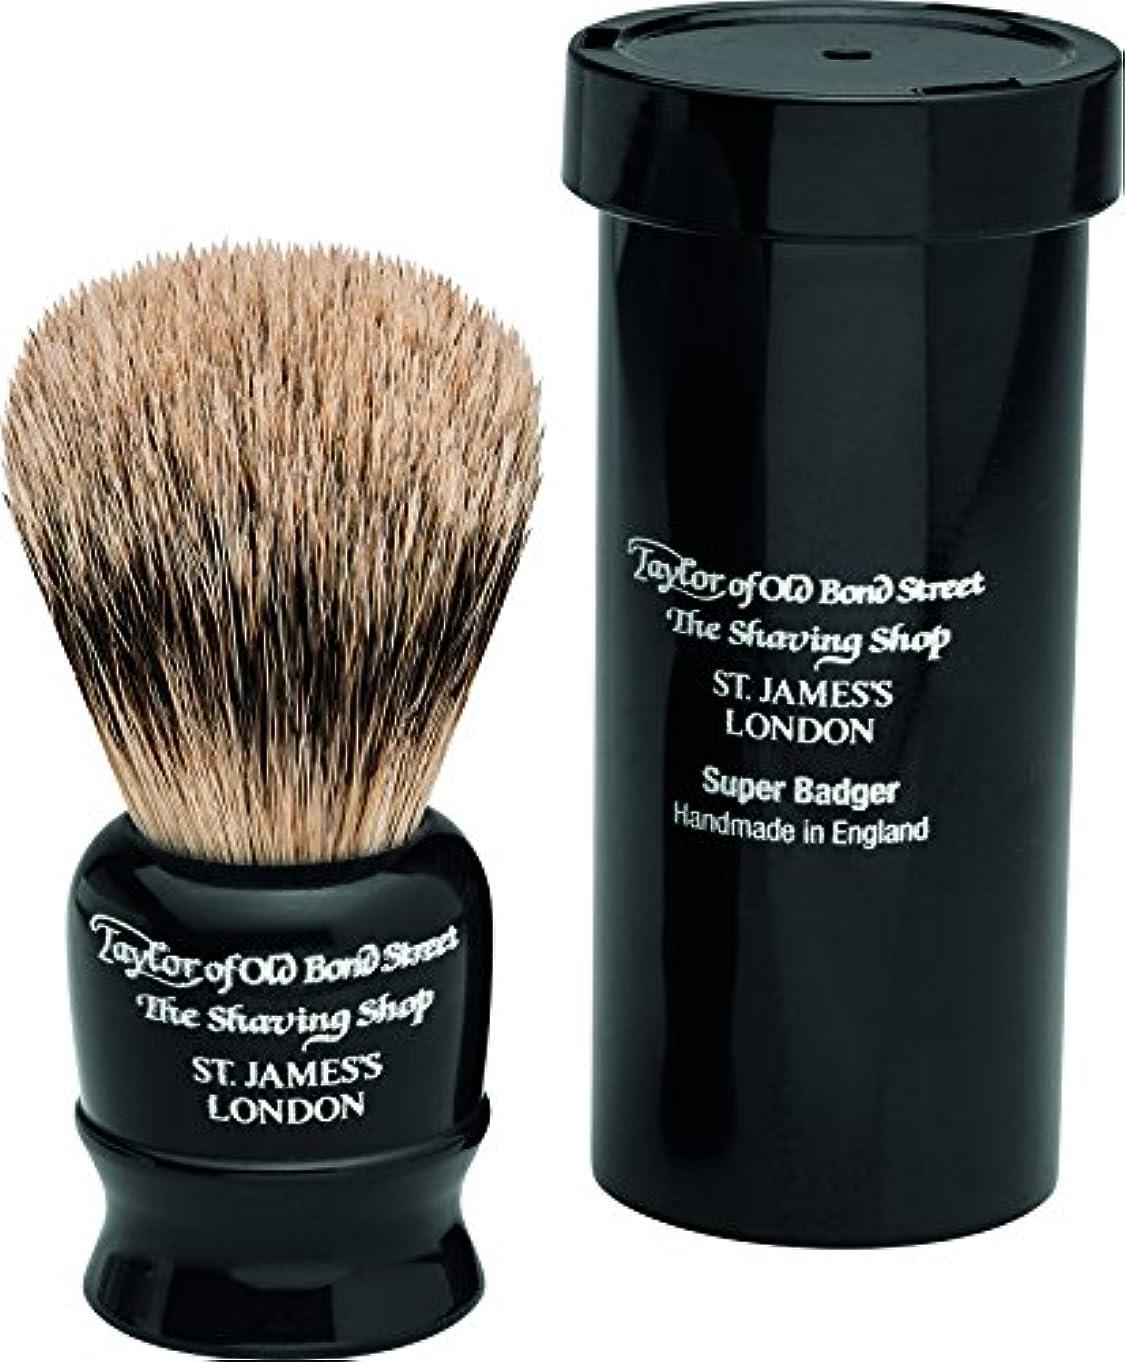 支払い足音つかまえるTravel Super Badger Shaving Brush, 8,25 cm, black - Taylor of old Bond Street